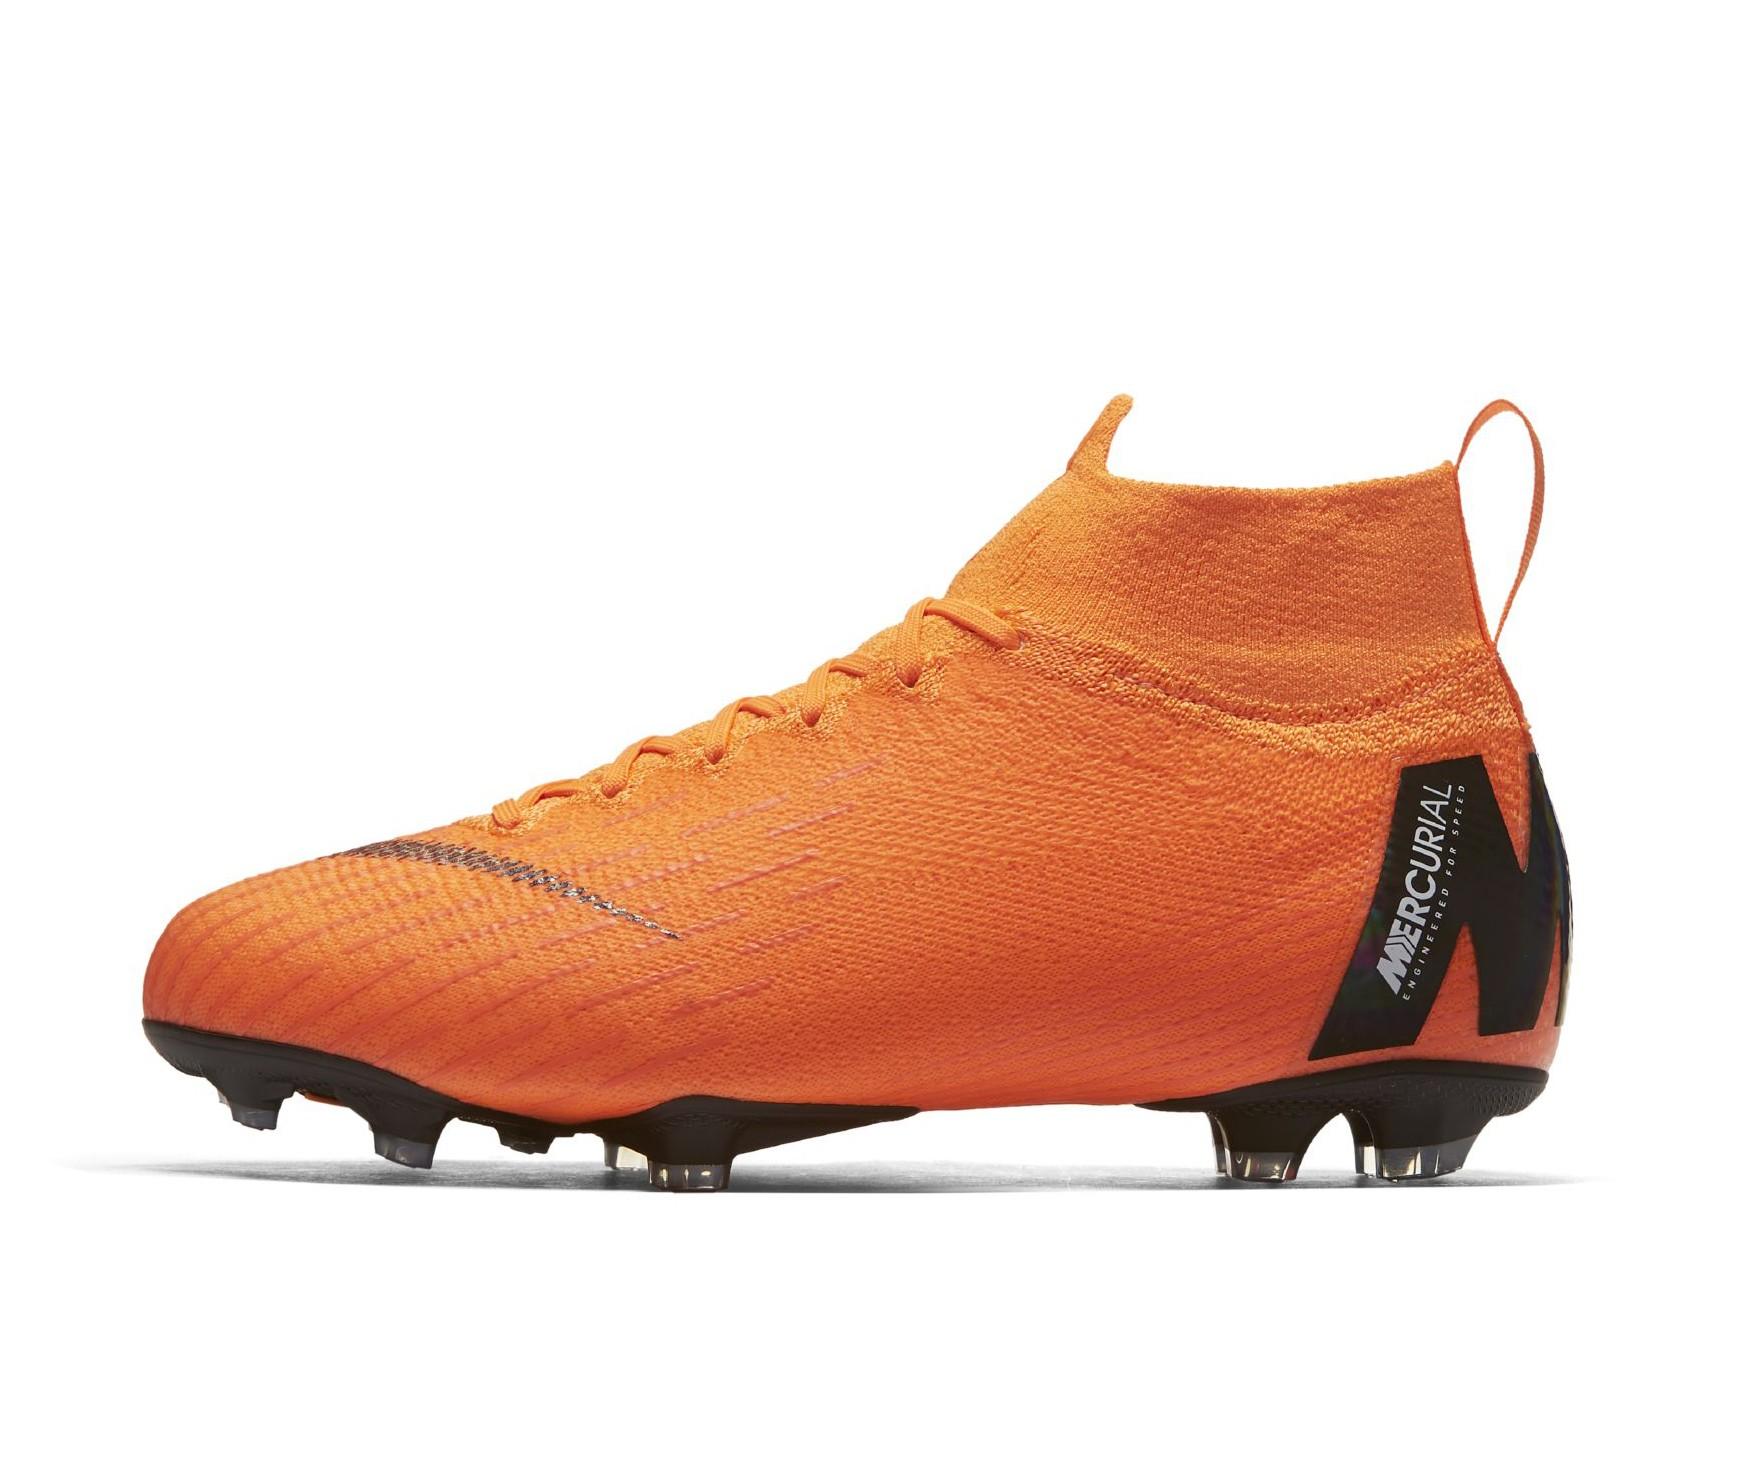 on sale 4f1d0 c029e ... buy chaussures de football nike mercurial superfly v fg pour hommes noir  bleu blanc chaussure de